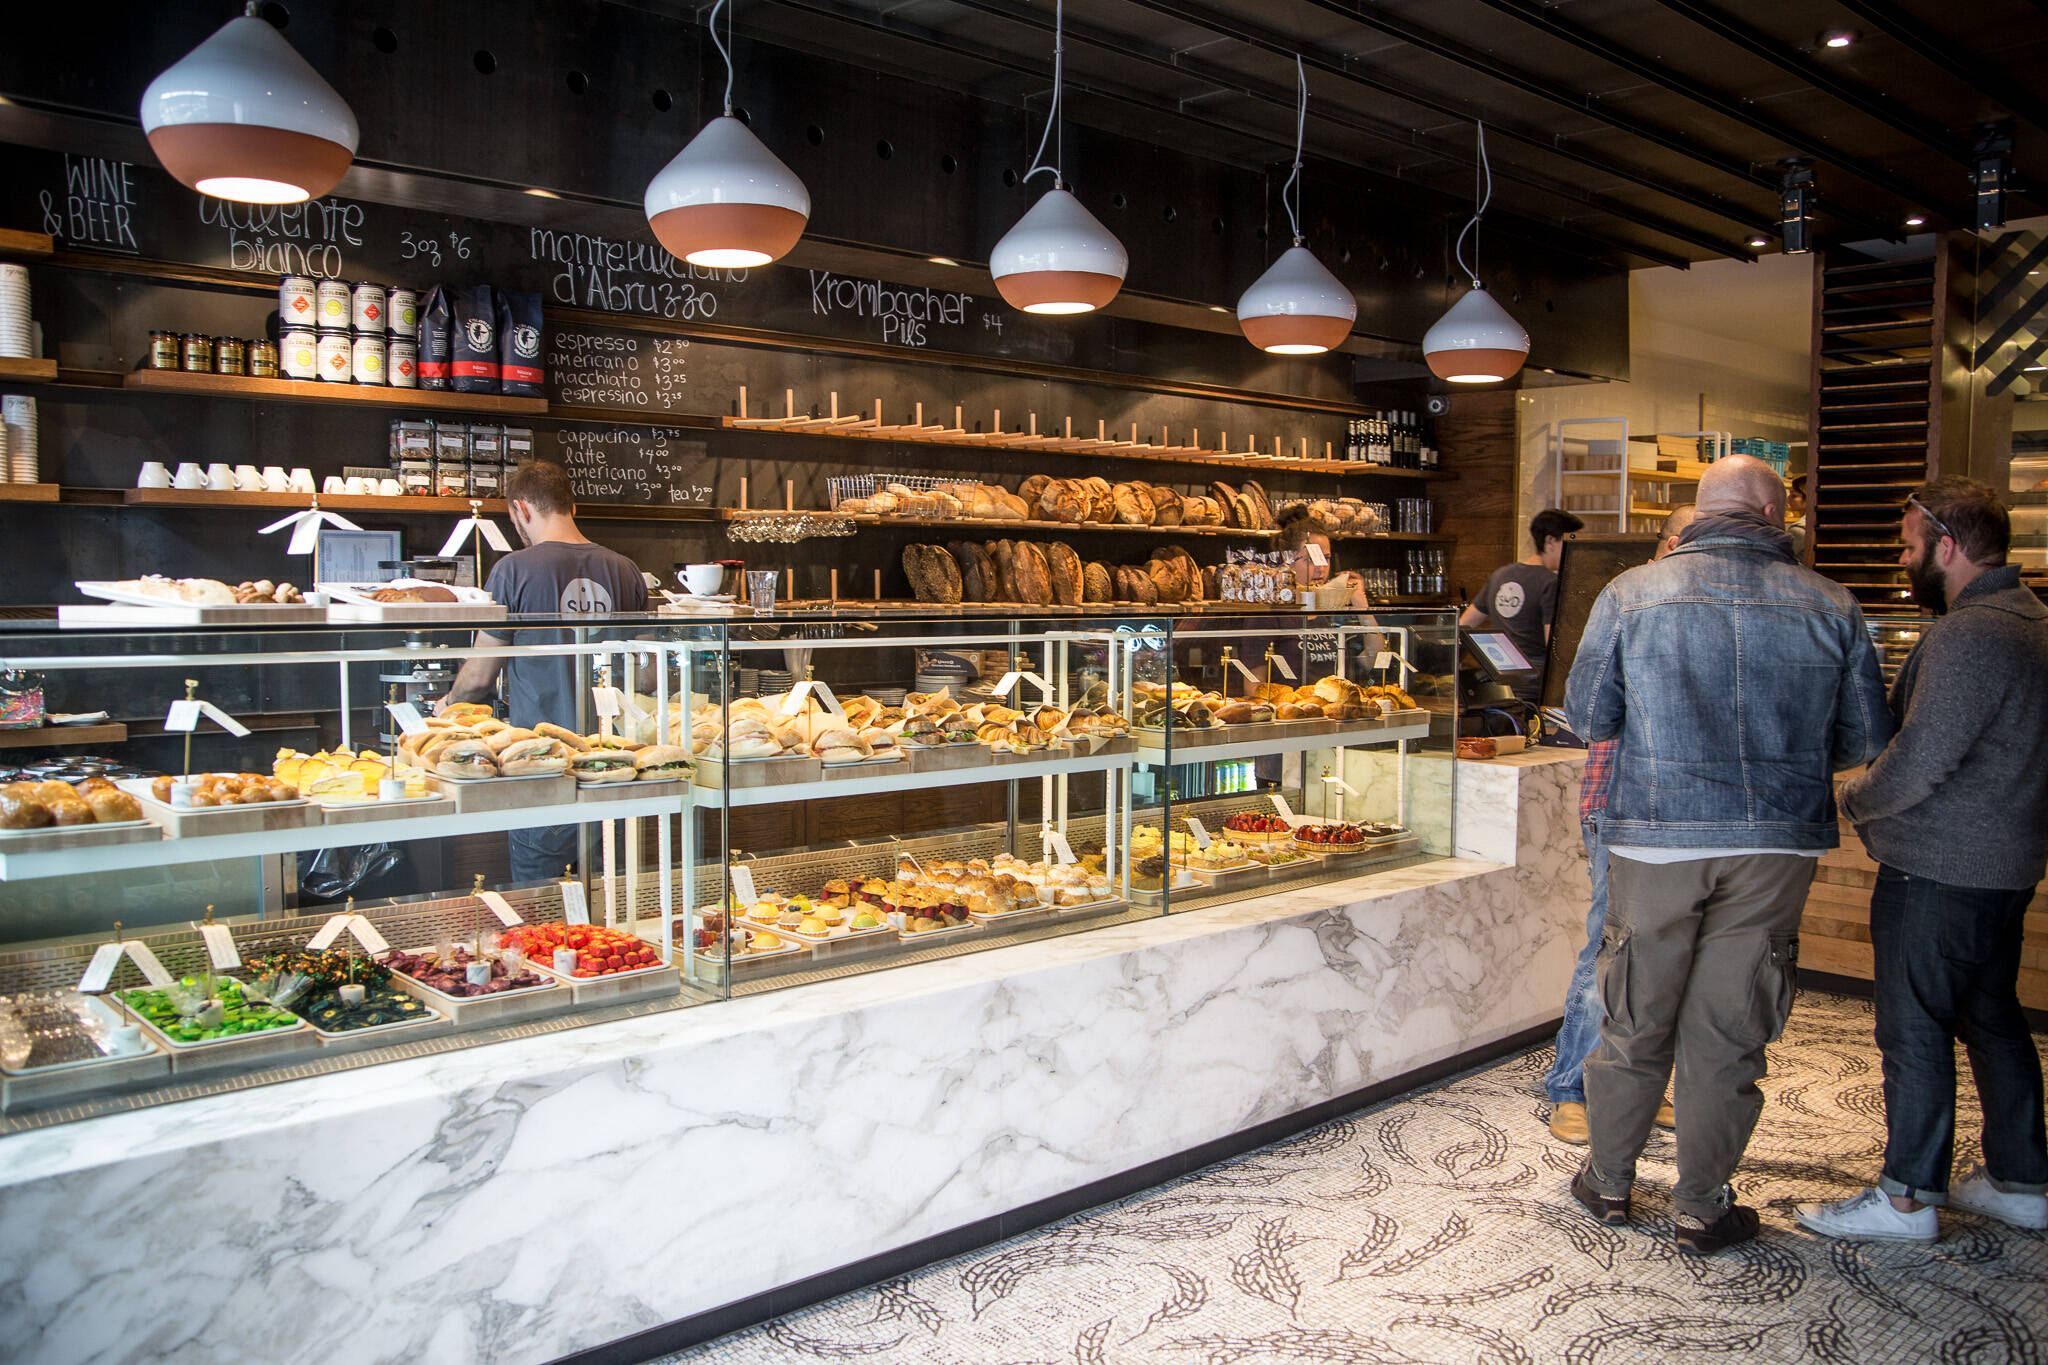 Amy S Bakery Cafe